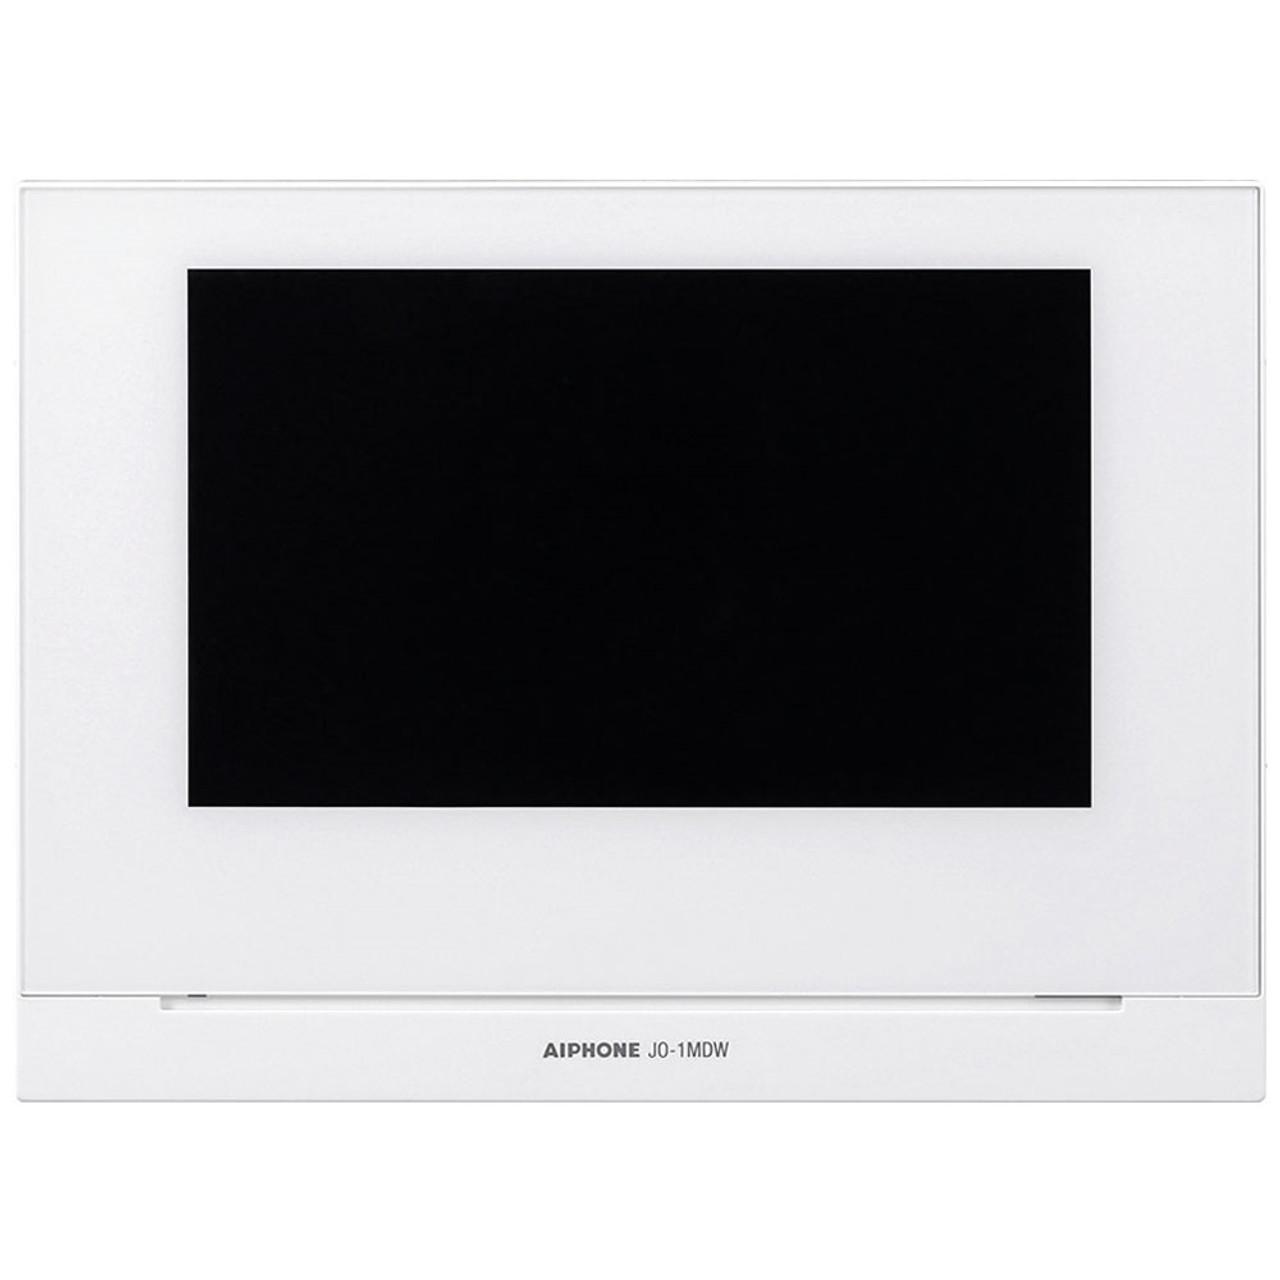 blanc LCD 17,8 cm plastique r/ésine CMOS. Aiphone JOS-1F Syst/ème d/'intercommunication de vid/éo IP54